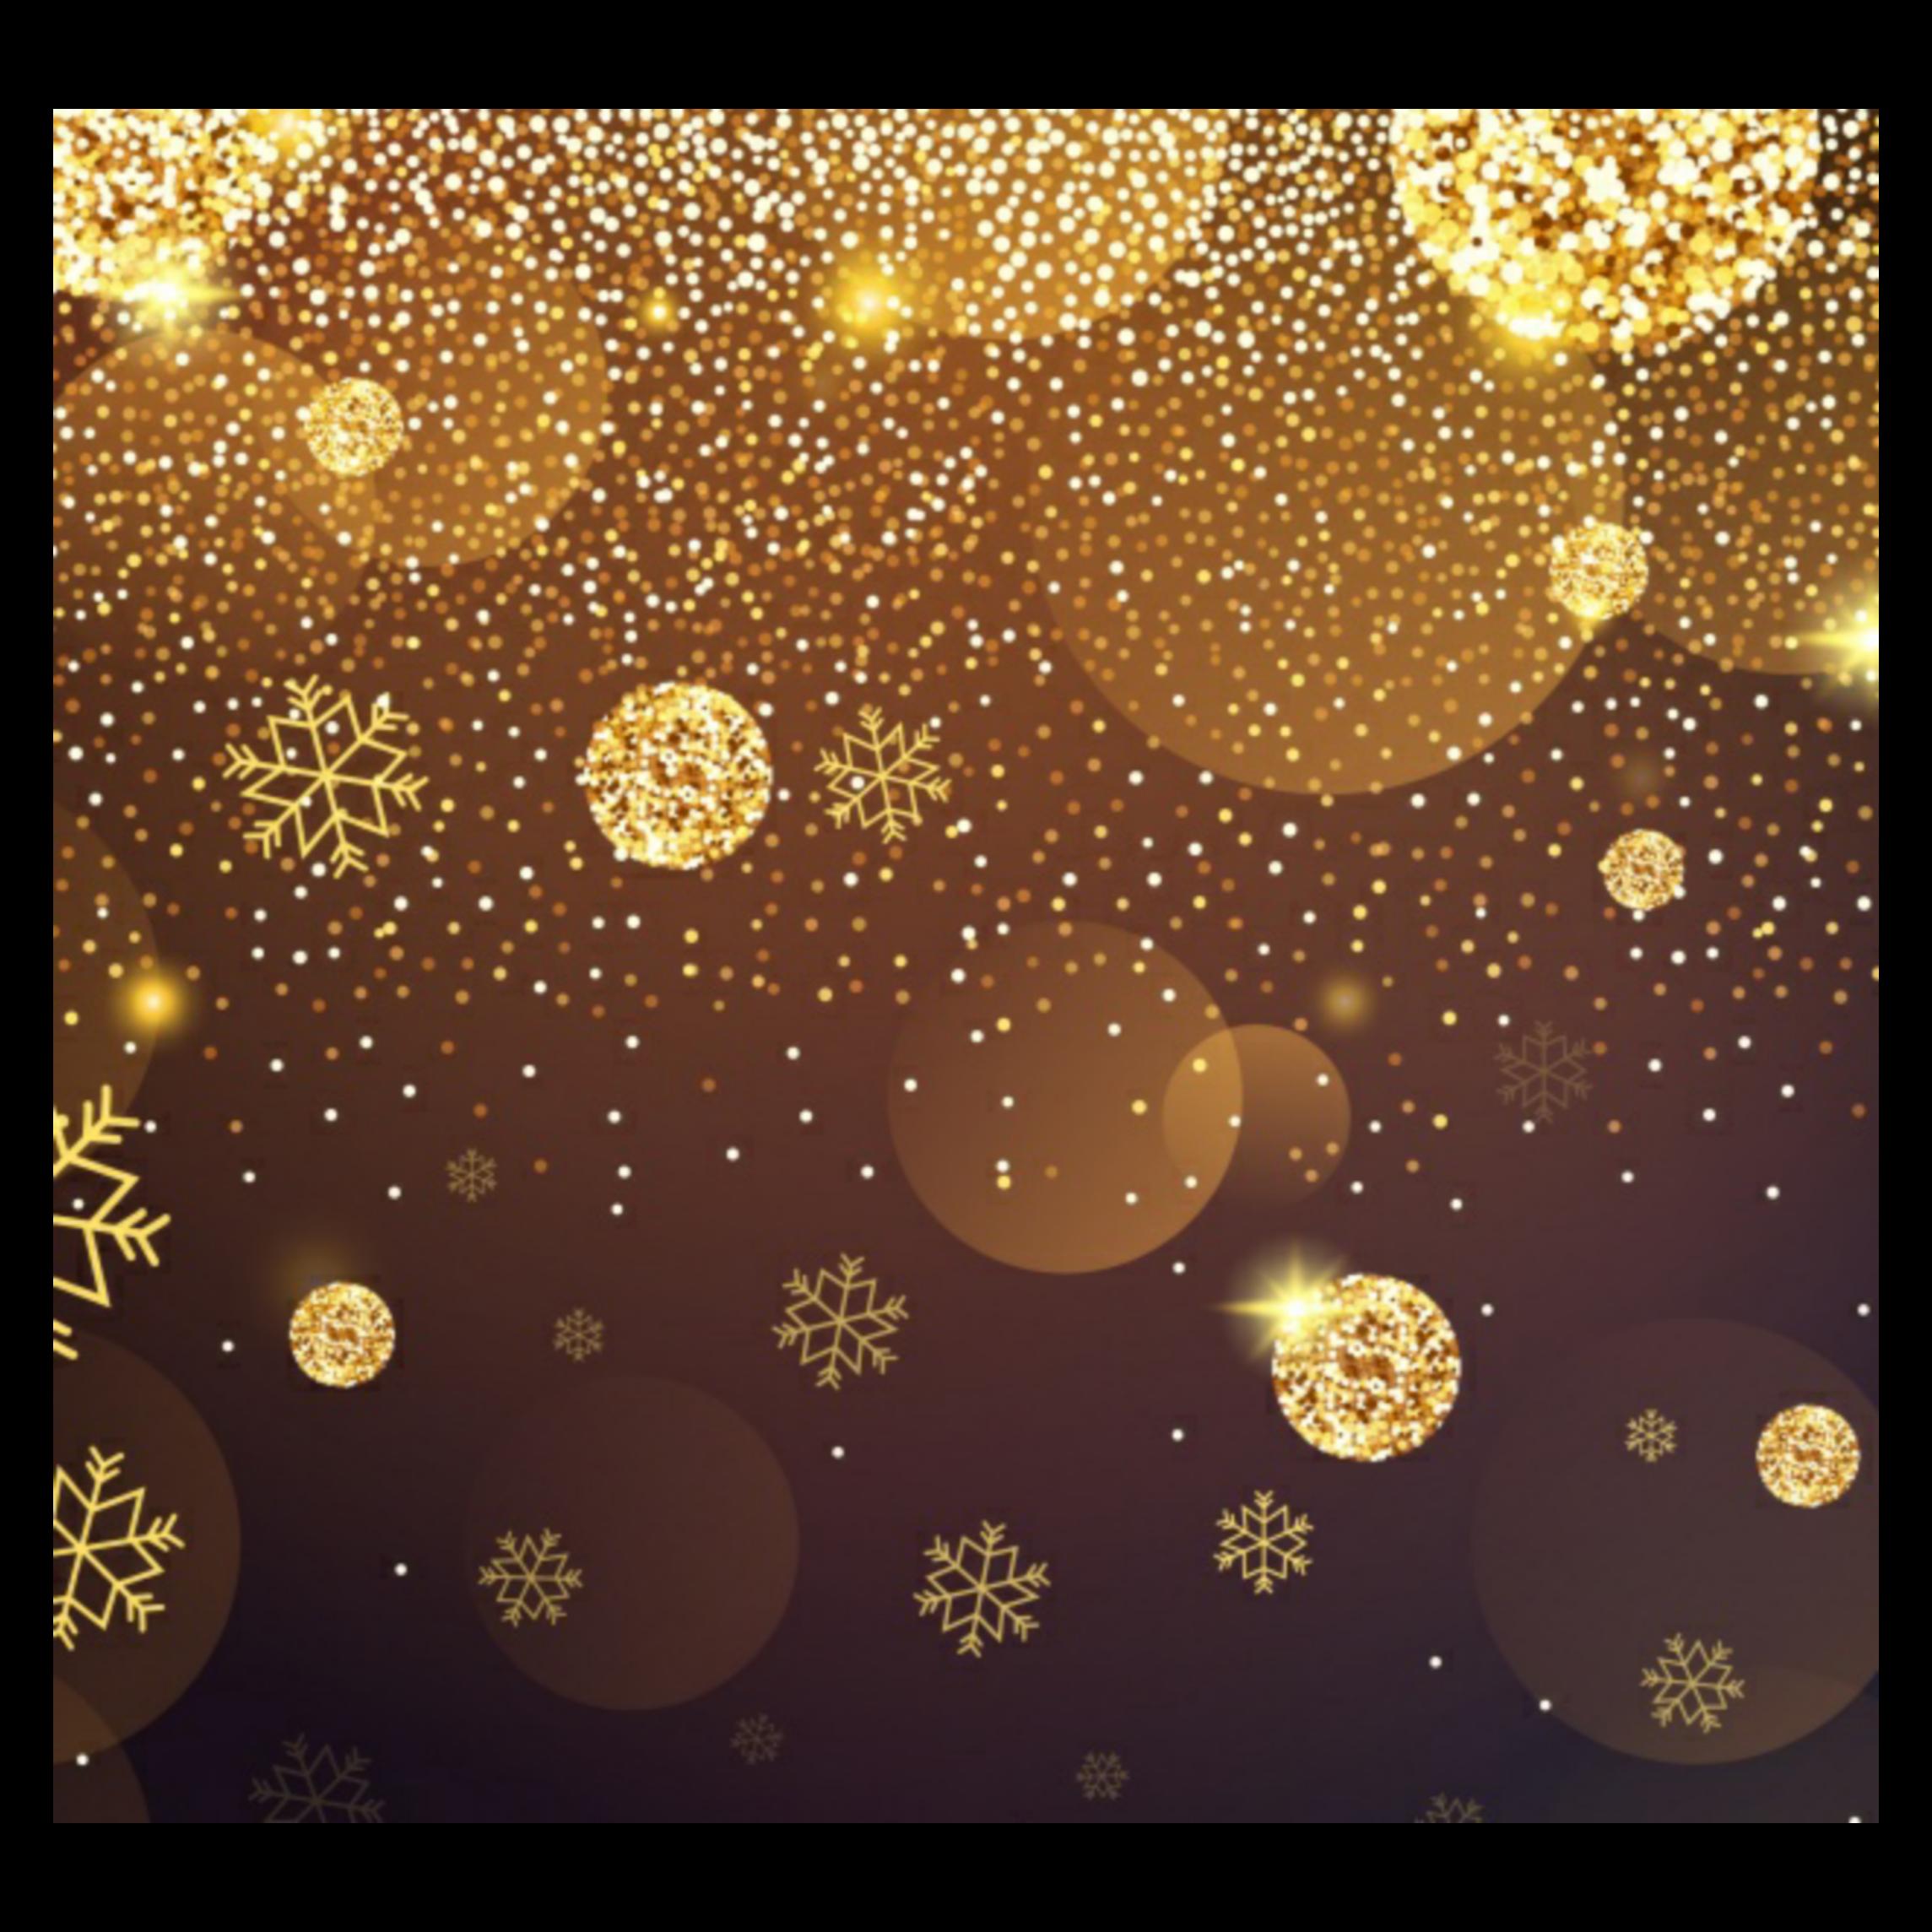 gold glitter sparkle sparkling background happynewyear...